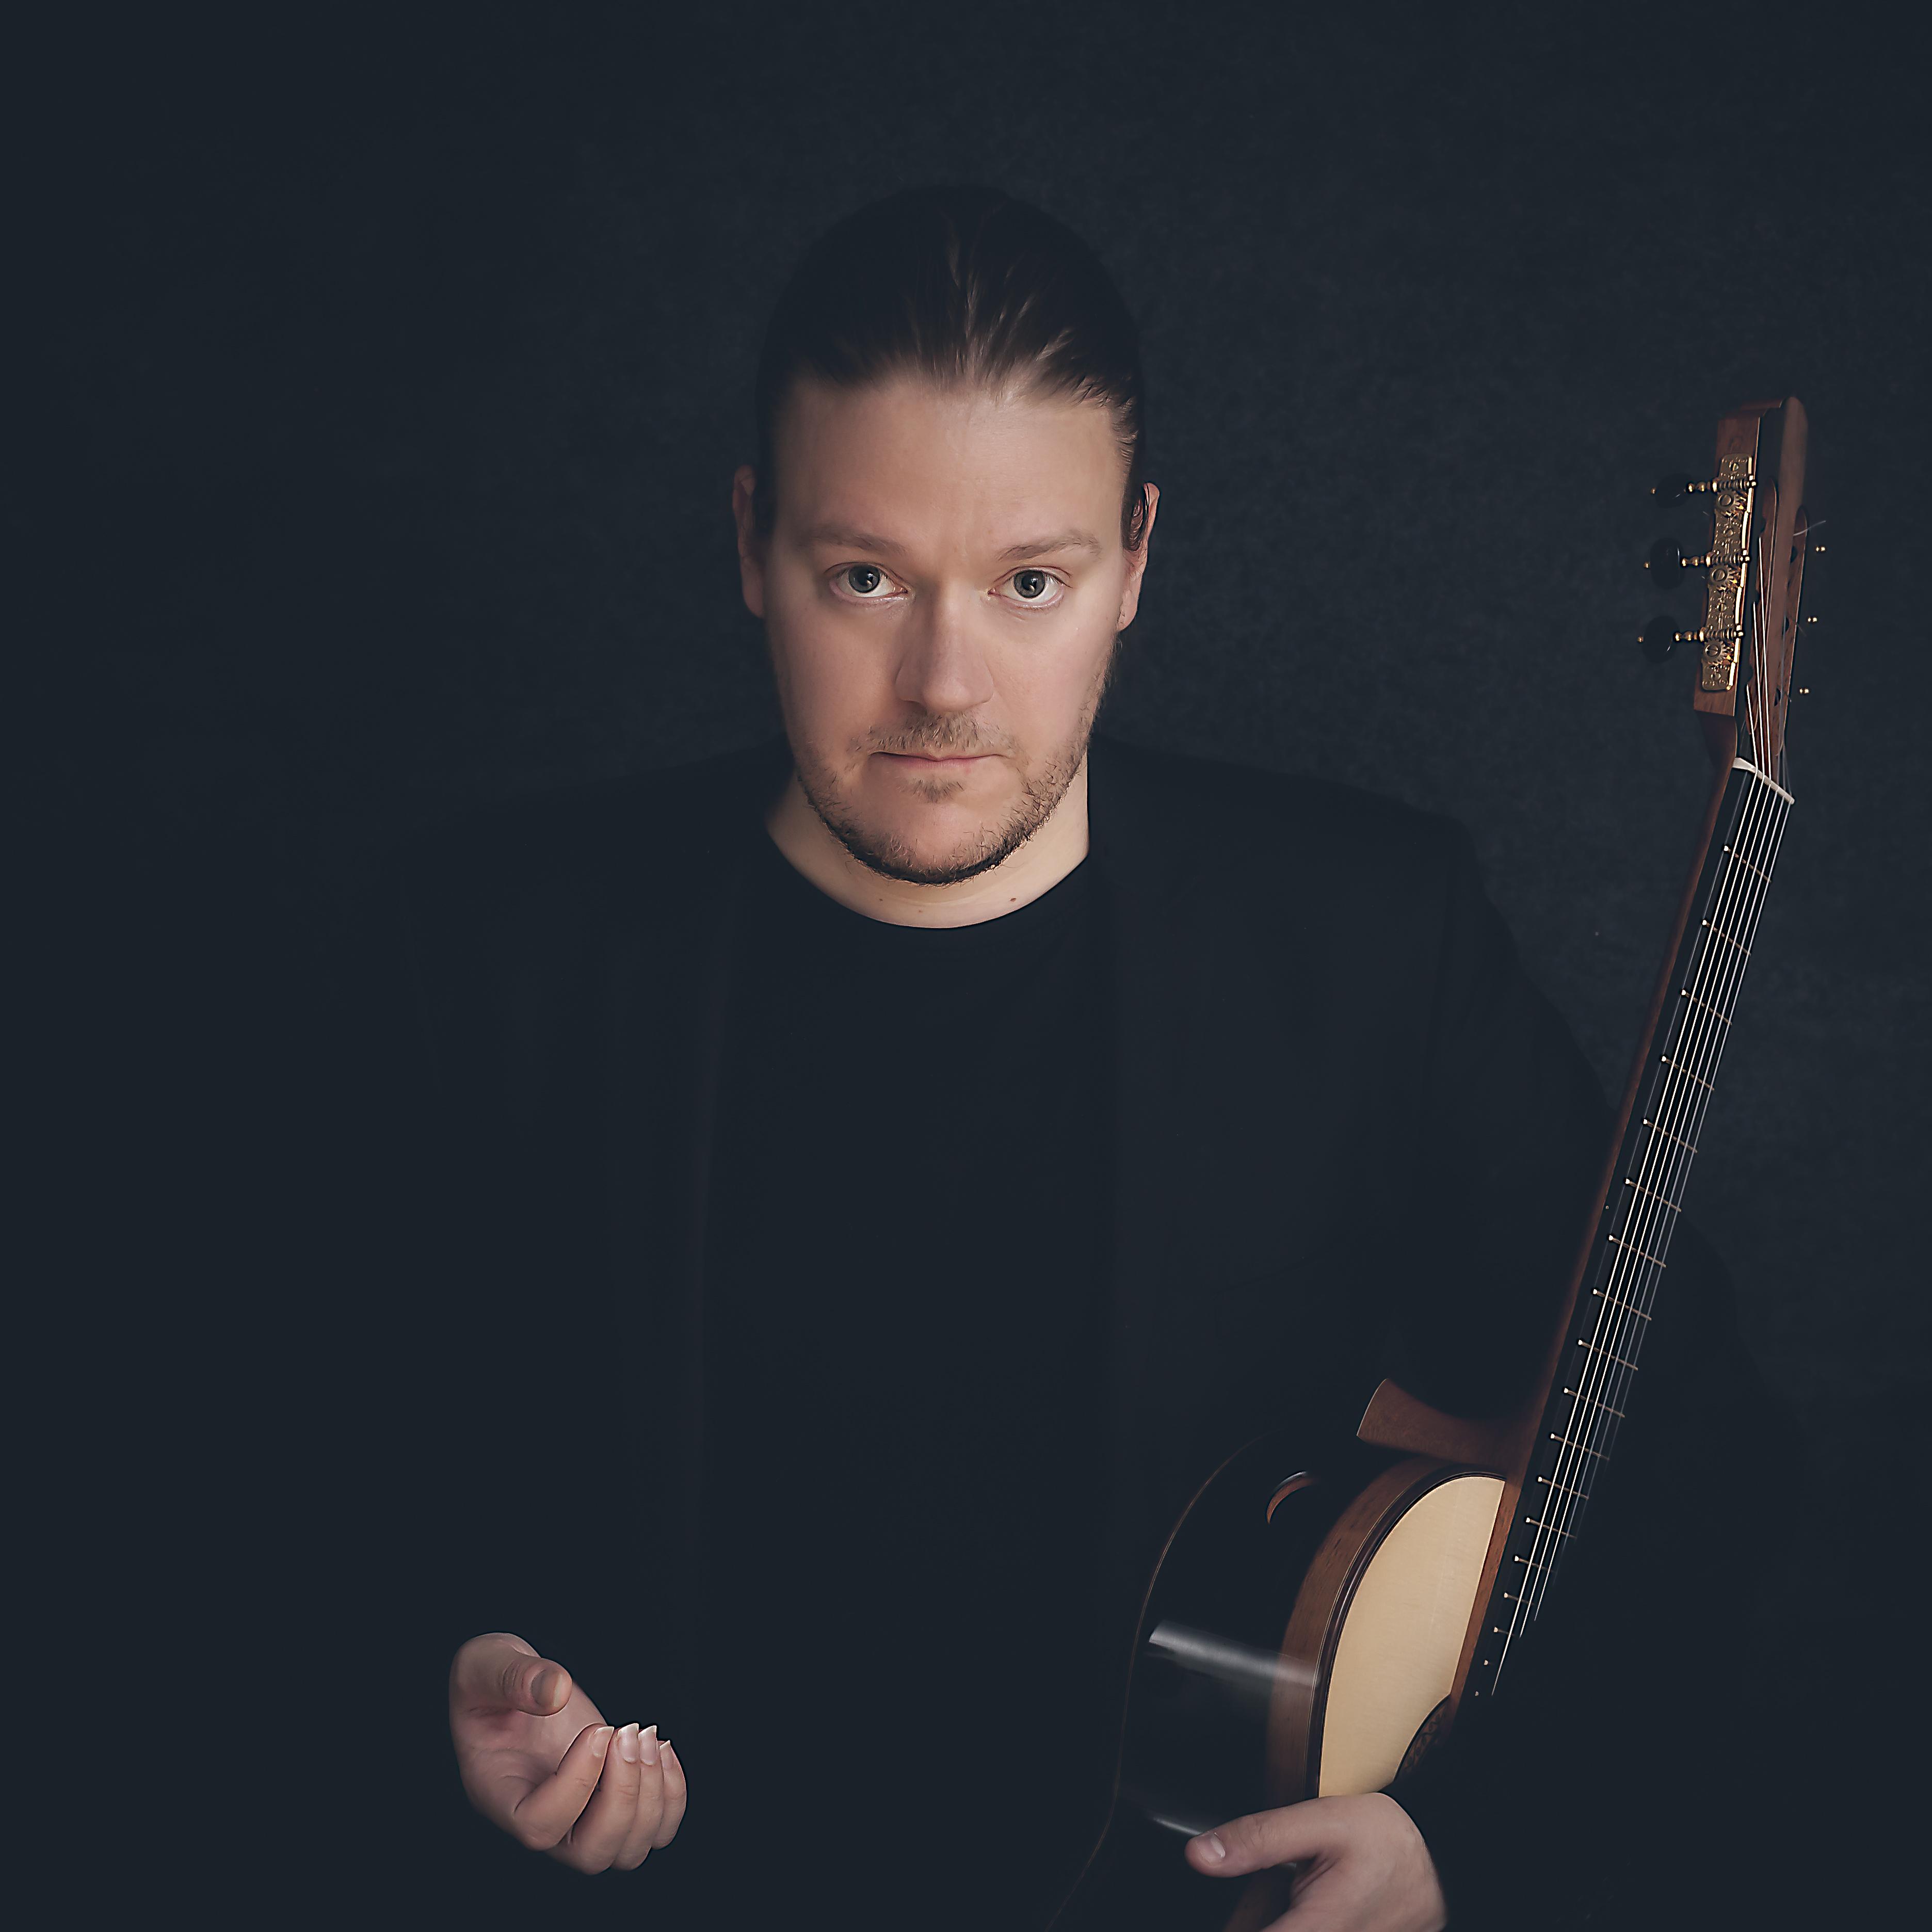 Meisterkurs mit Otto Tolonen | Hamburger Gitarrentage 2020